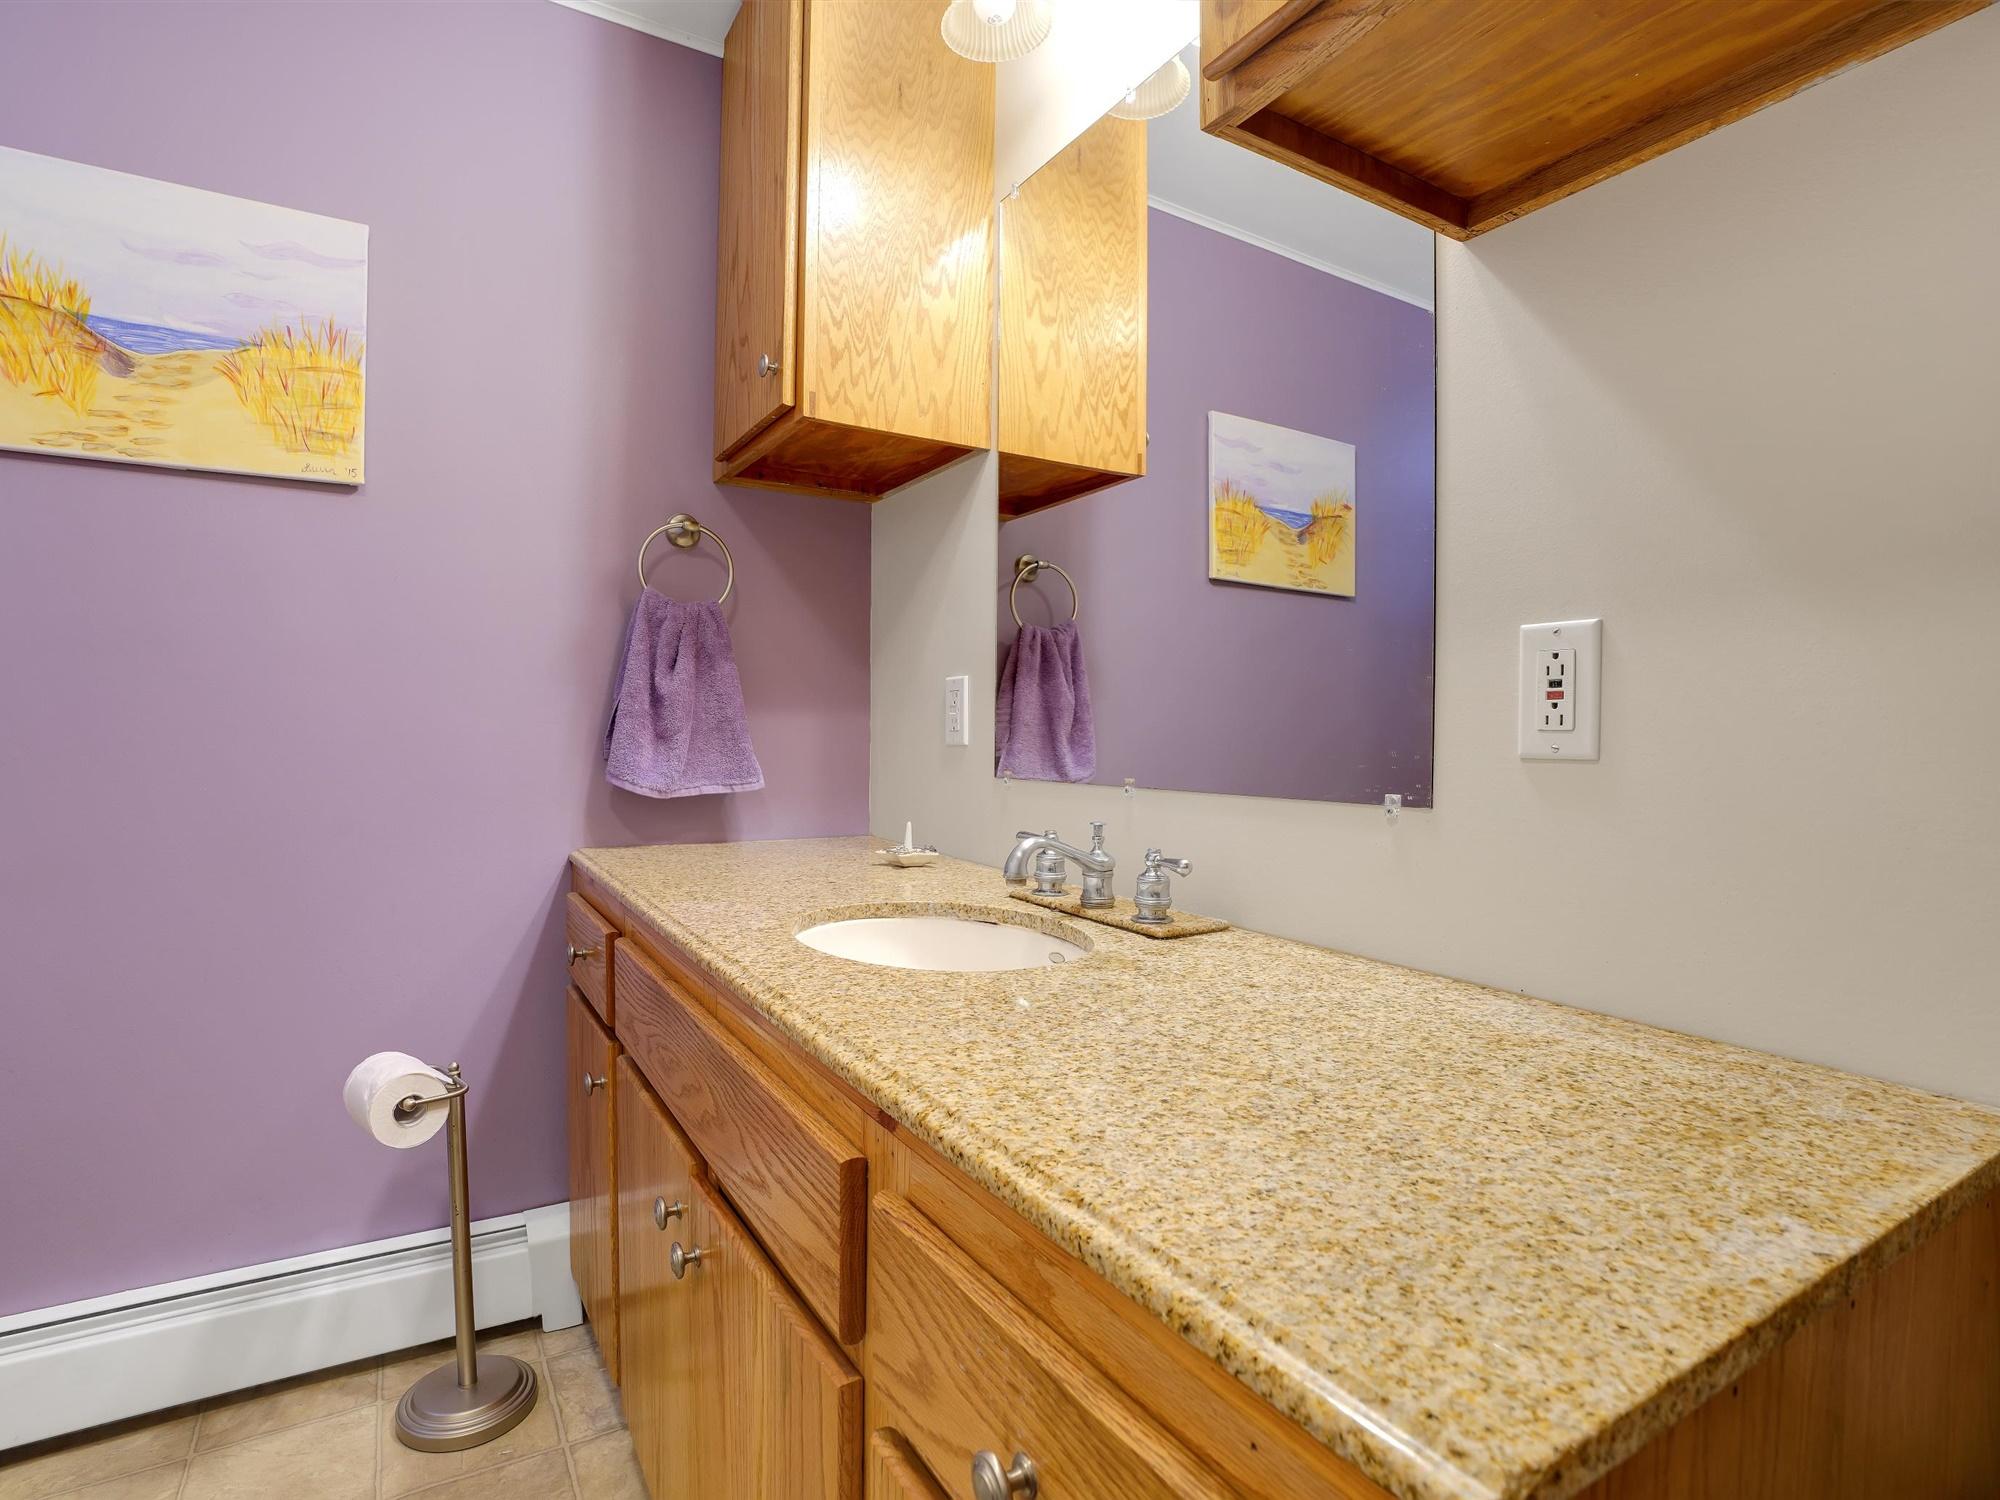 850 Prescott Dr. - Bathroom 2